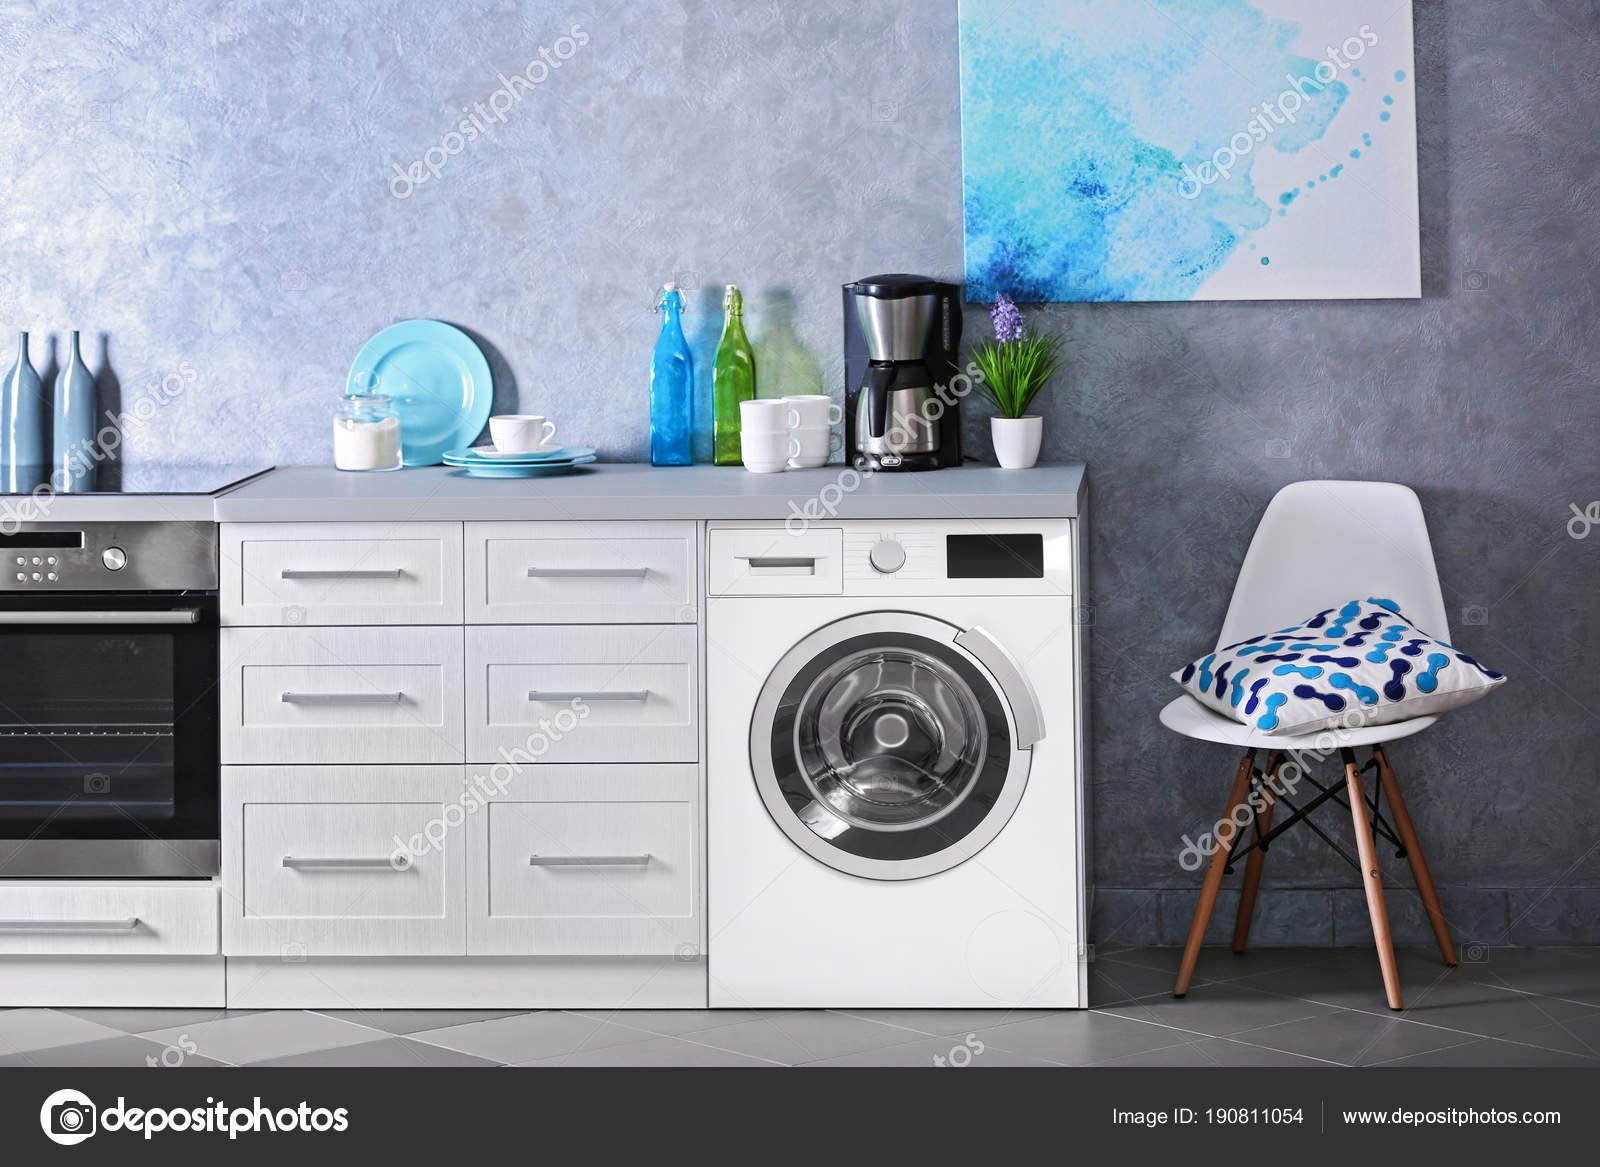 Küche waschmaschine. ikea küche weiss hochglanz gebraucht termin